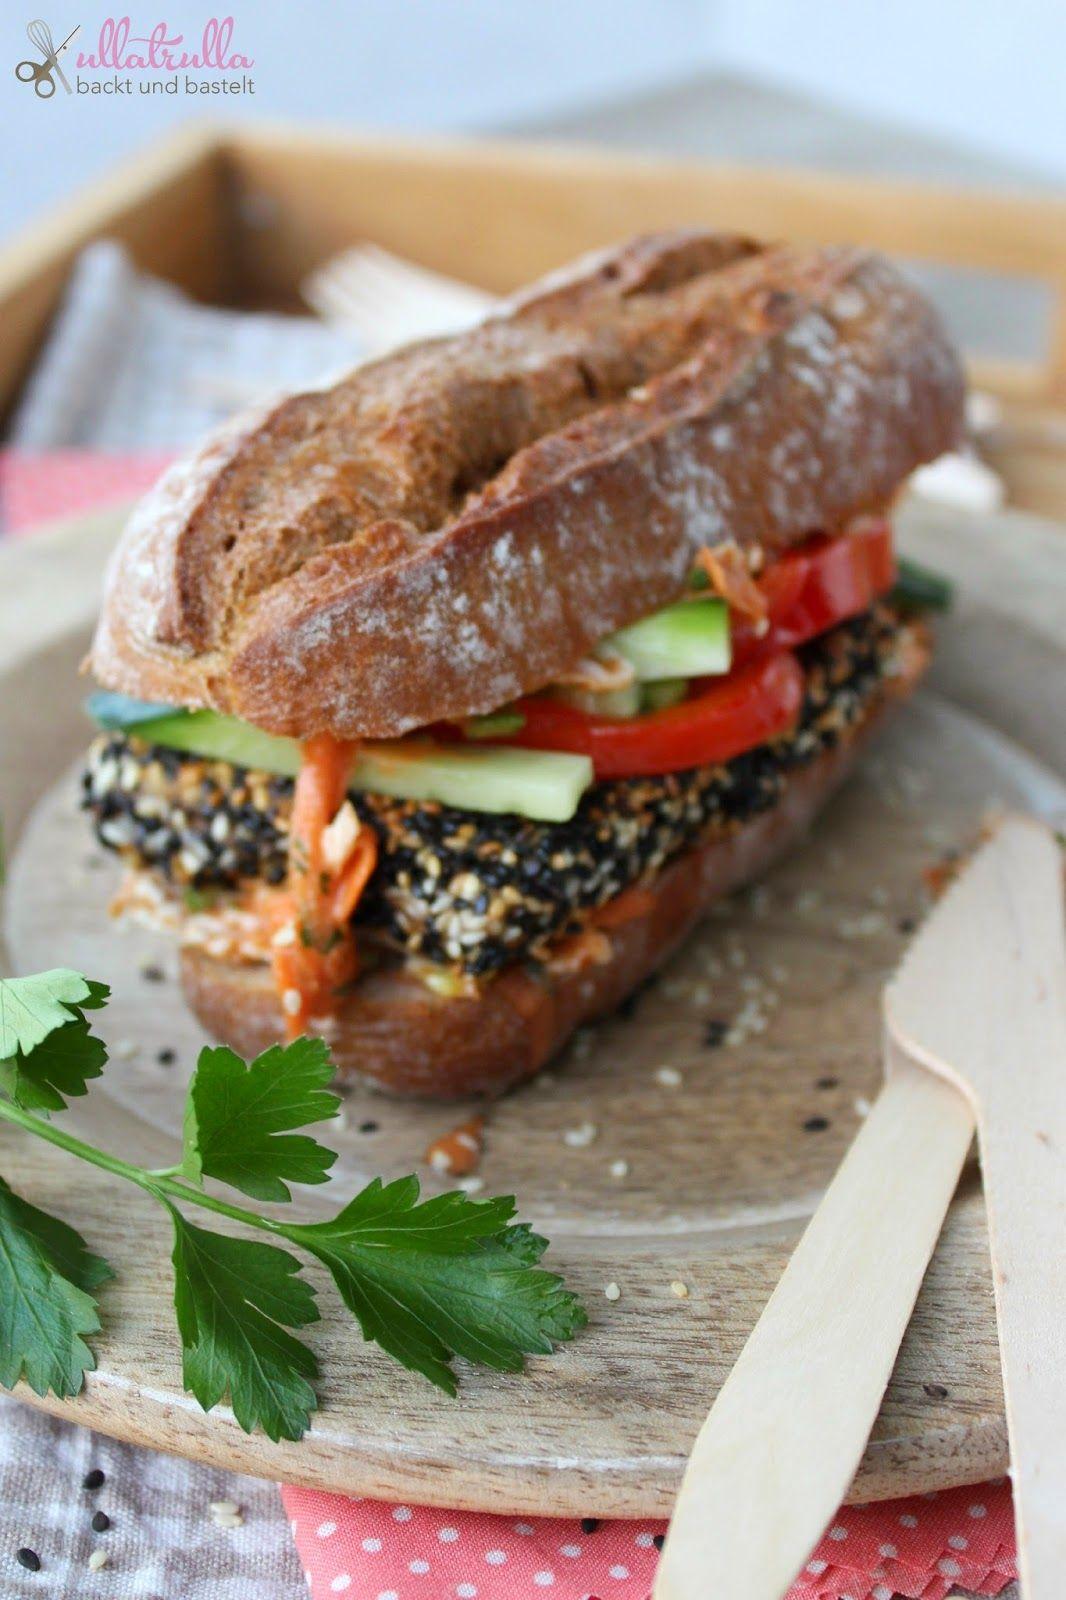 vegane asia burger aus vegan for fit attila hildmann. Black Bedroom Furniture Sets. Home Design Ideas